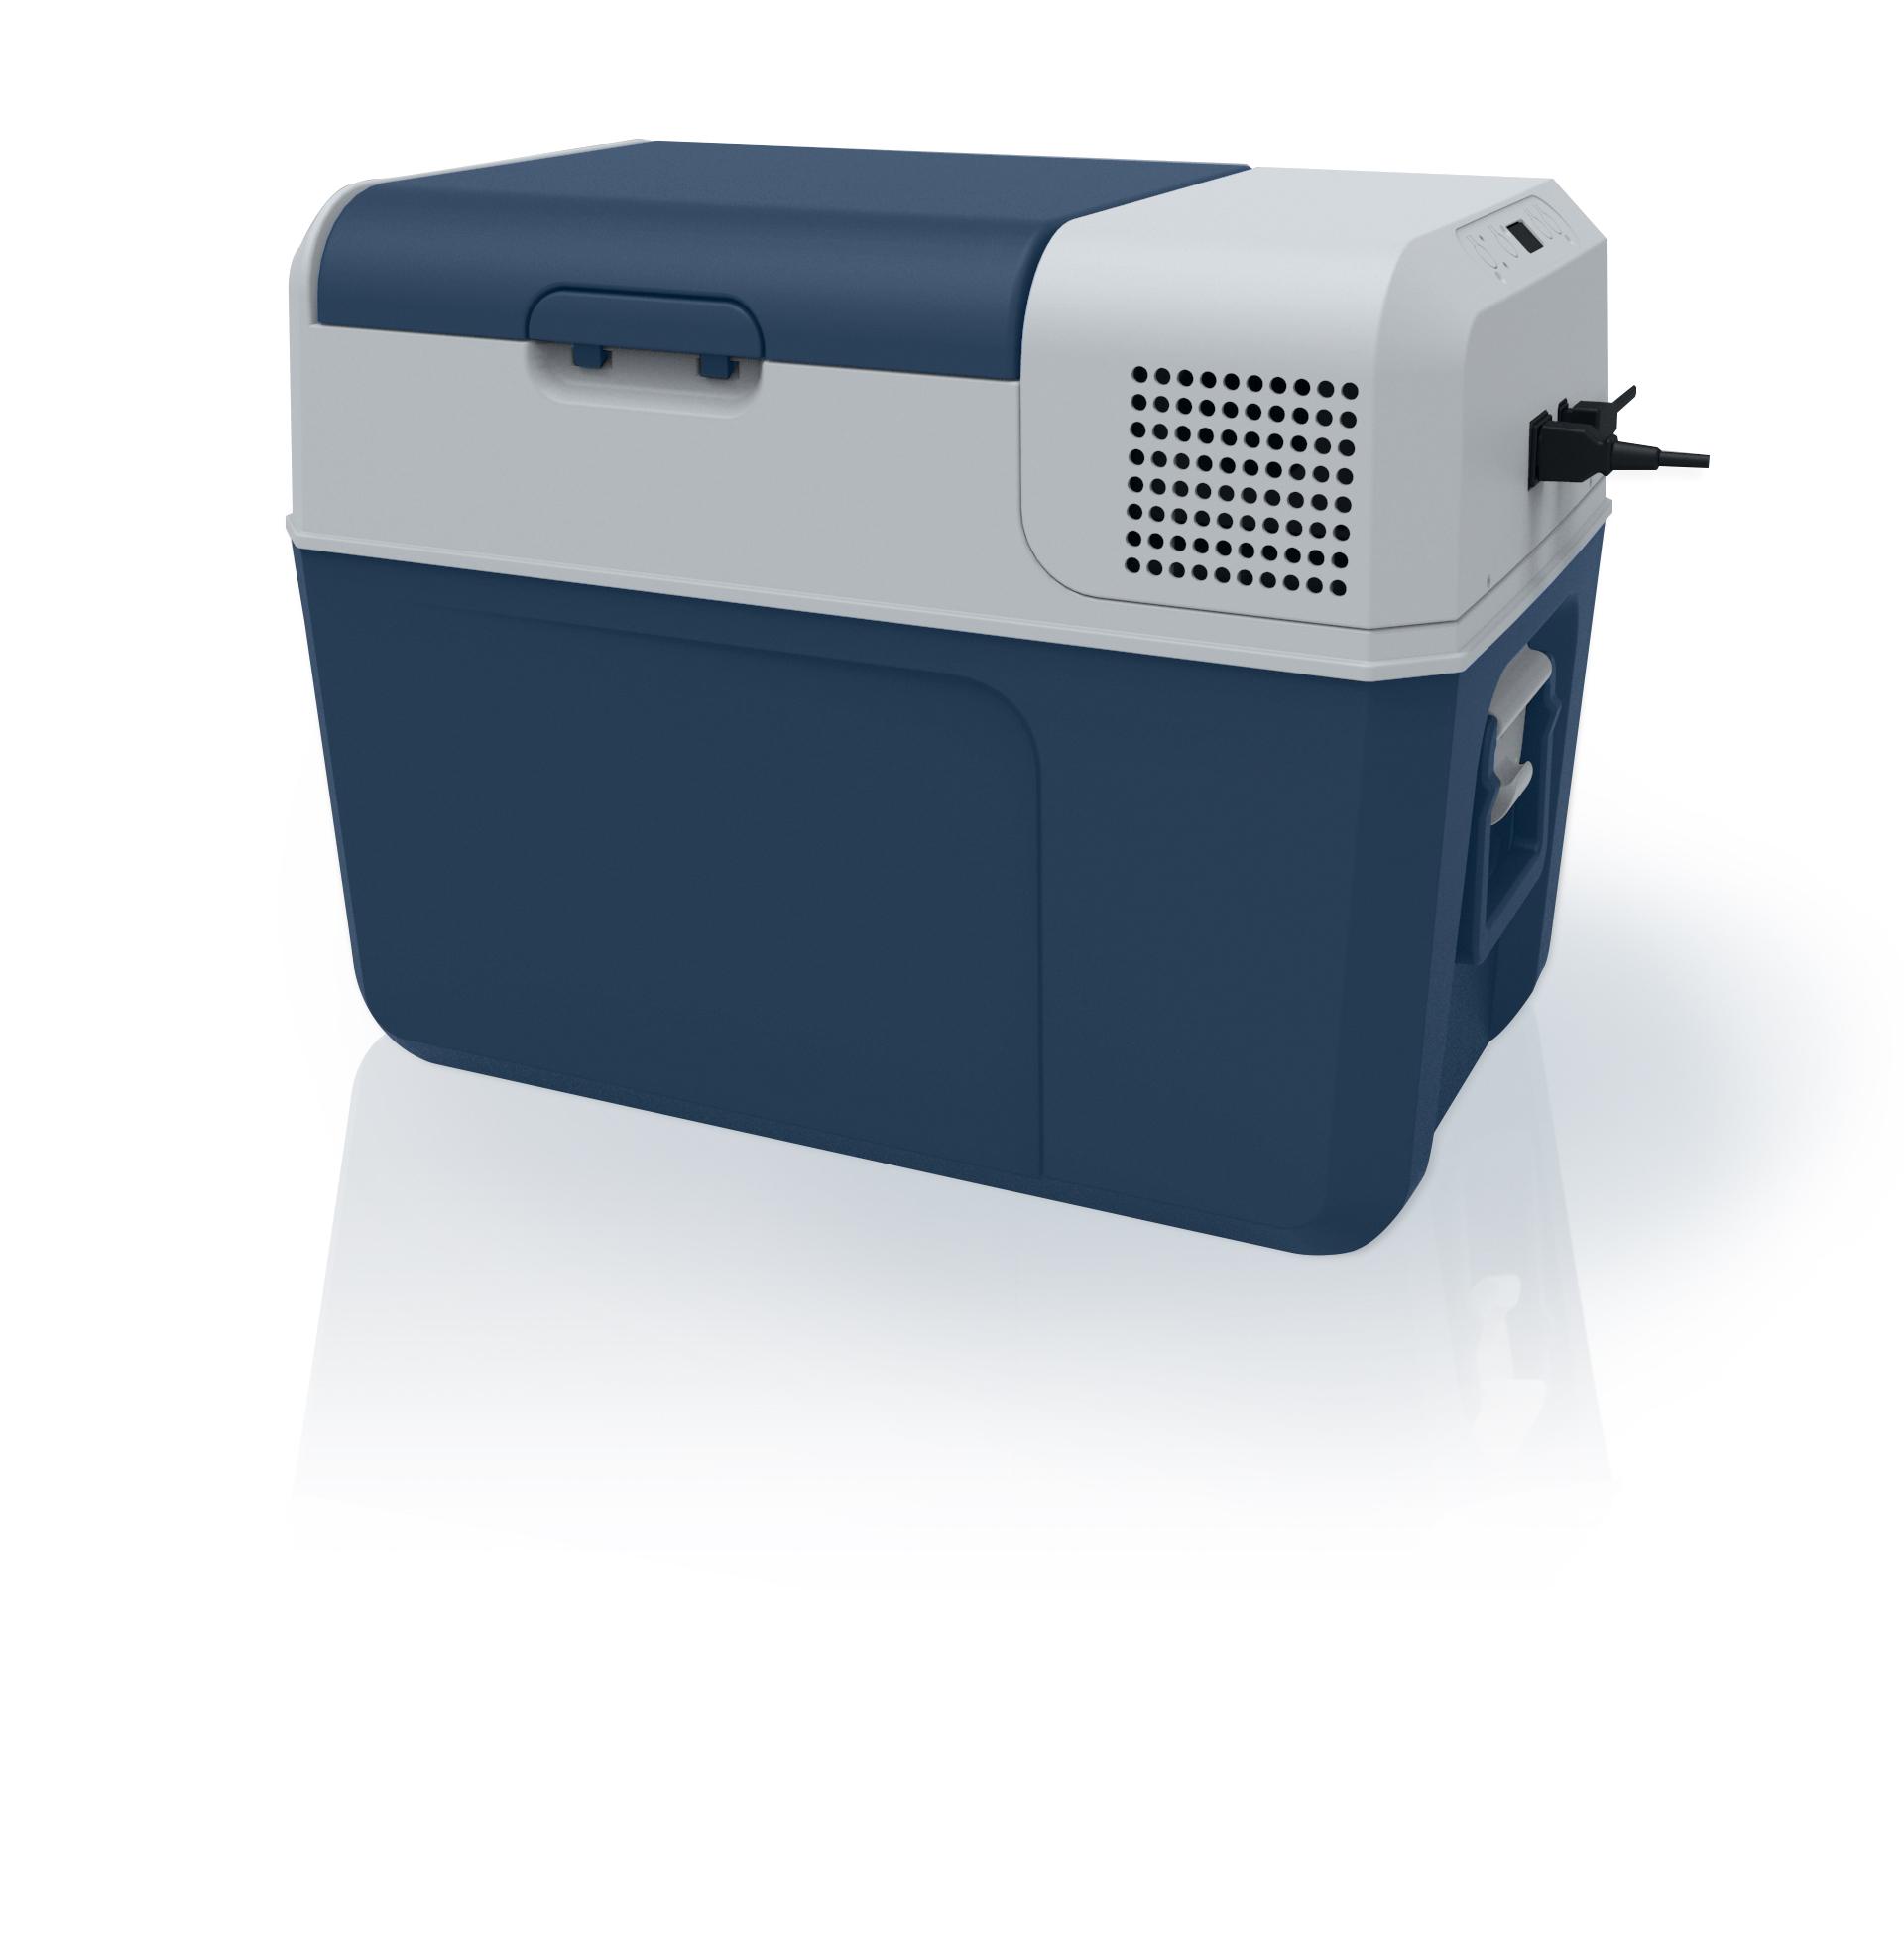 038 l mobicool fr40 ac/dc kompressorkühlbox .. - dometic werksverkauf